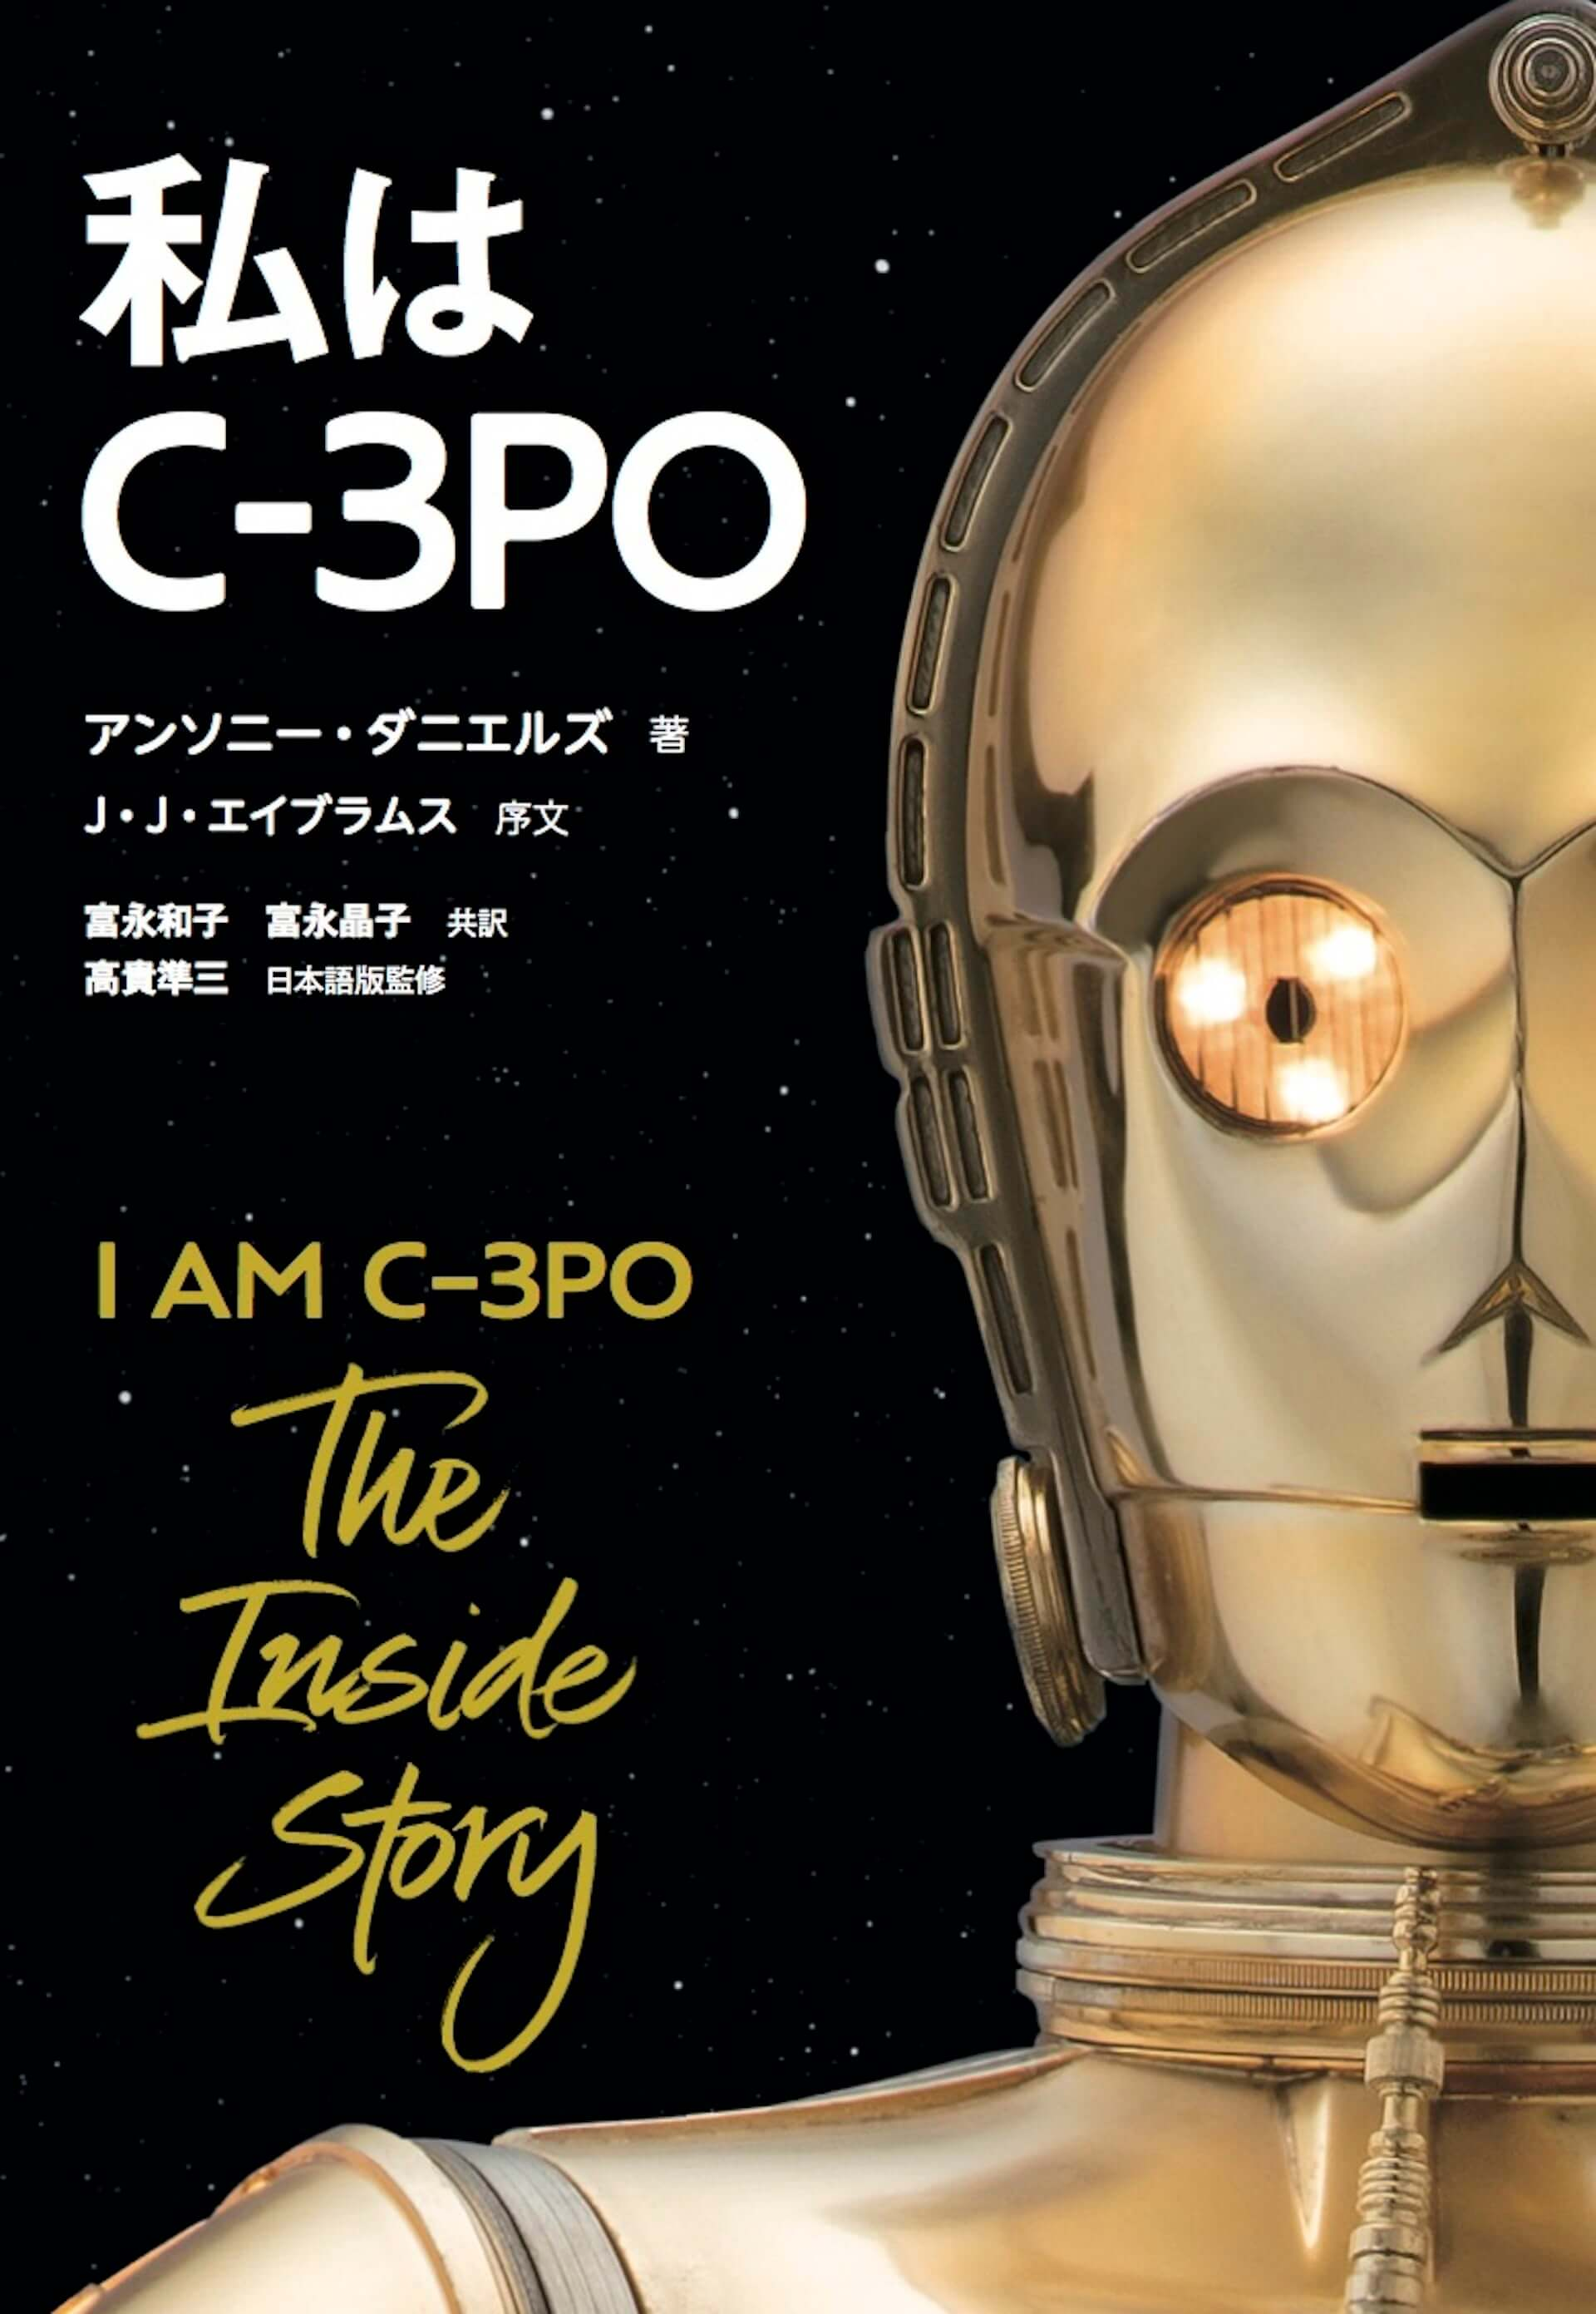 「スター・ウォーズ」シリーズ42年間の軌跡!C-3PO役のアンソニー・ダニエルズによる撮影回想録『私はC-3PO』本日刊行 art200326_iam_c3po_1-1920x2783